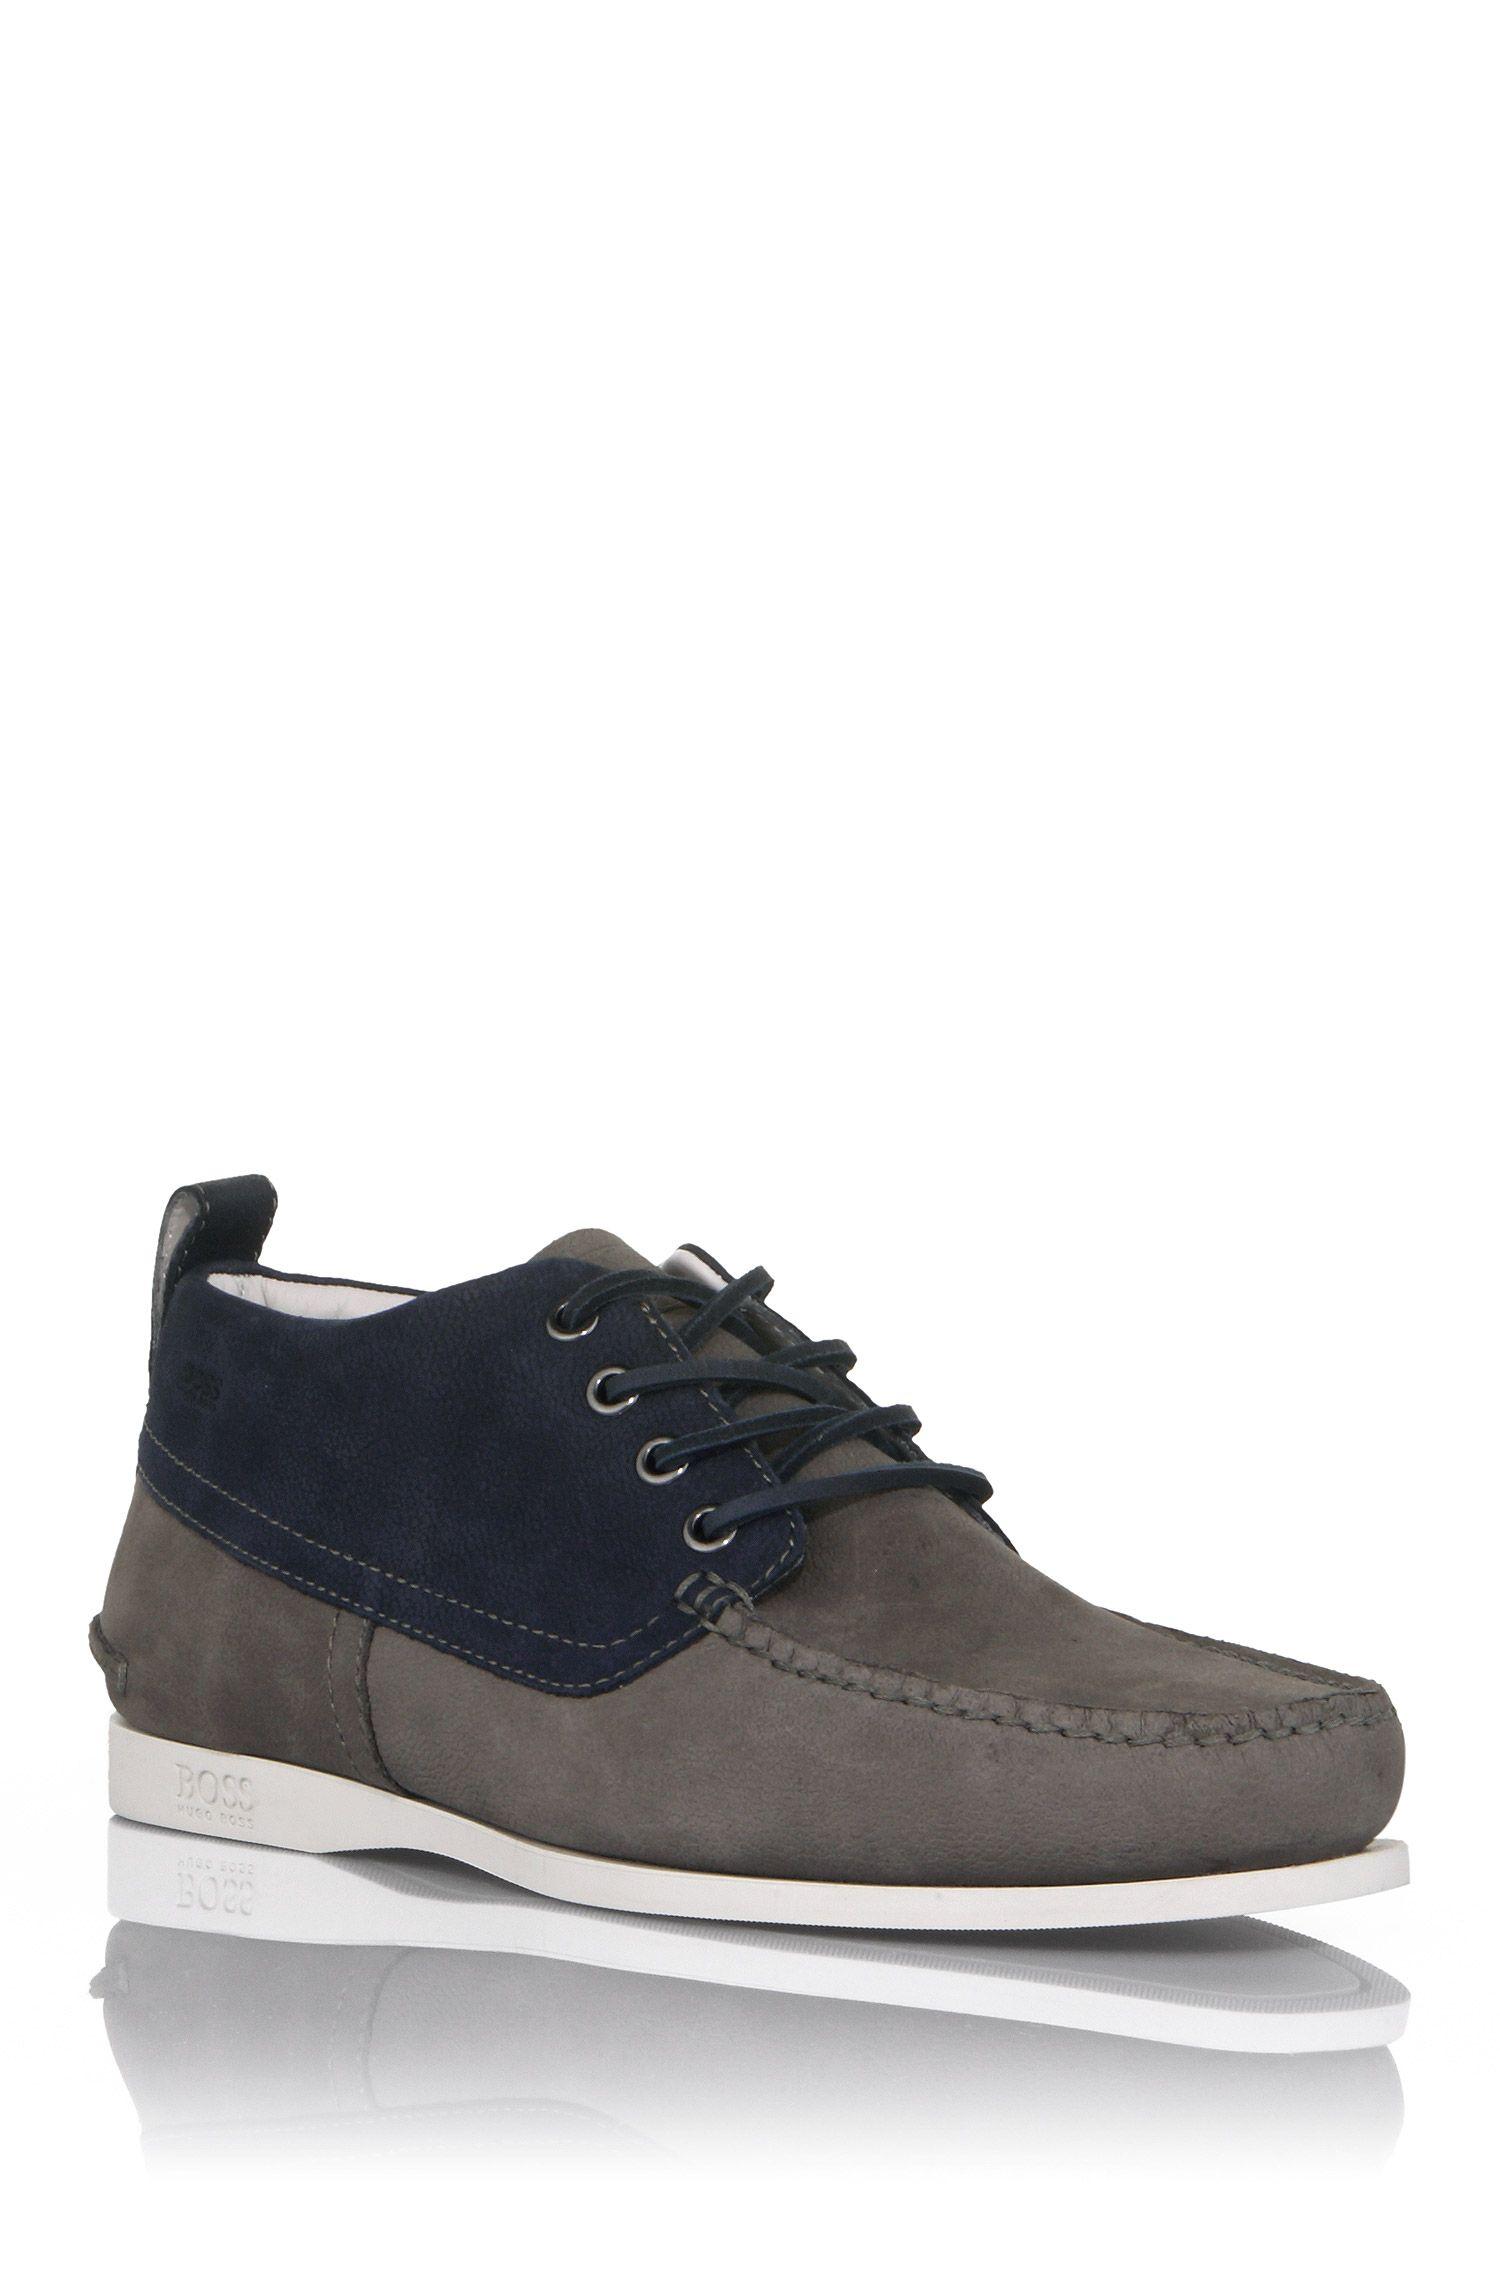 Chaussures détente en cuir, Brasso